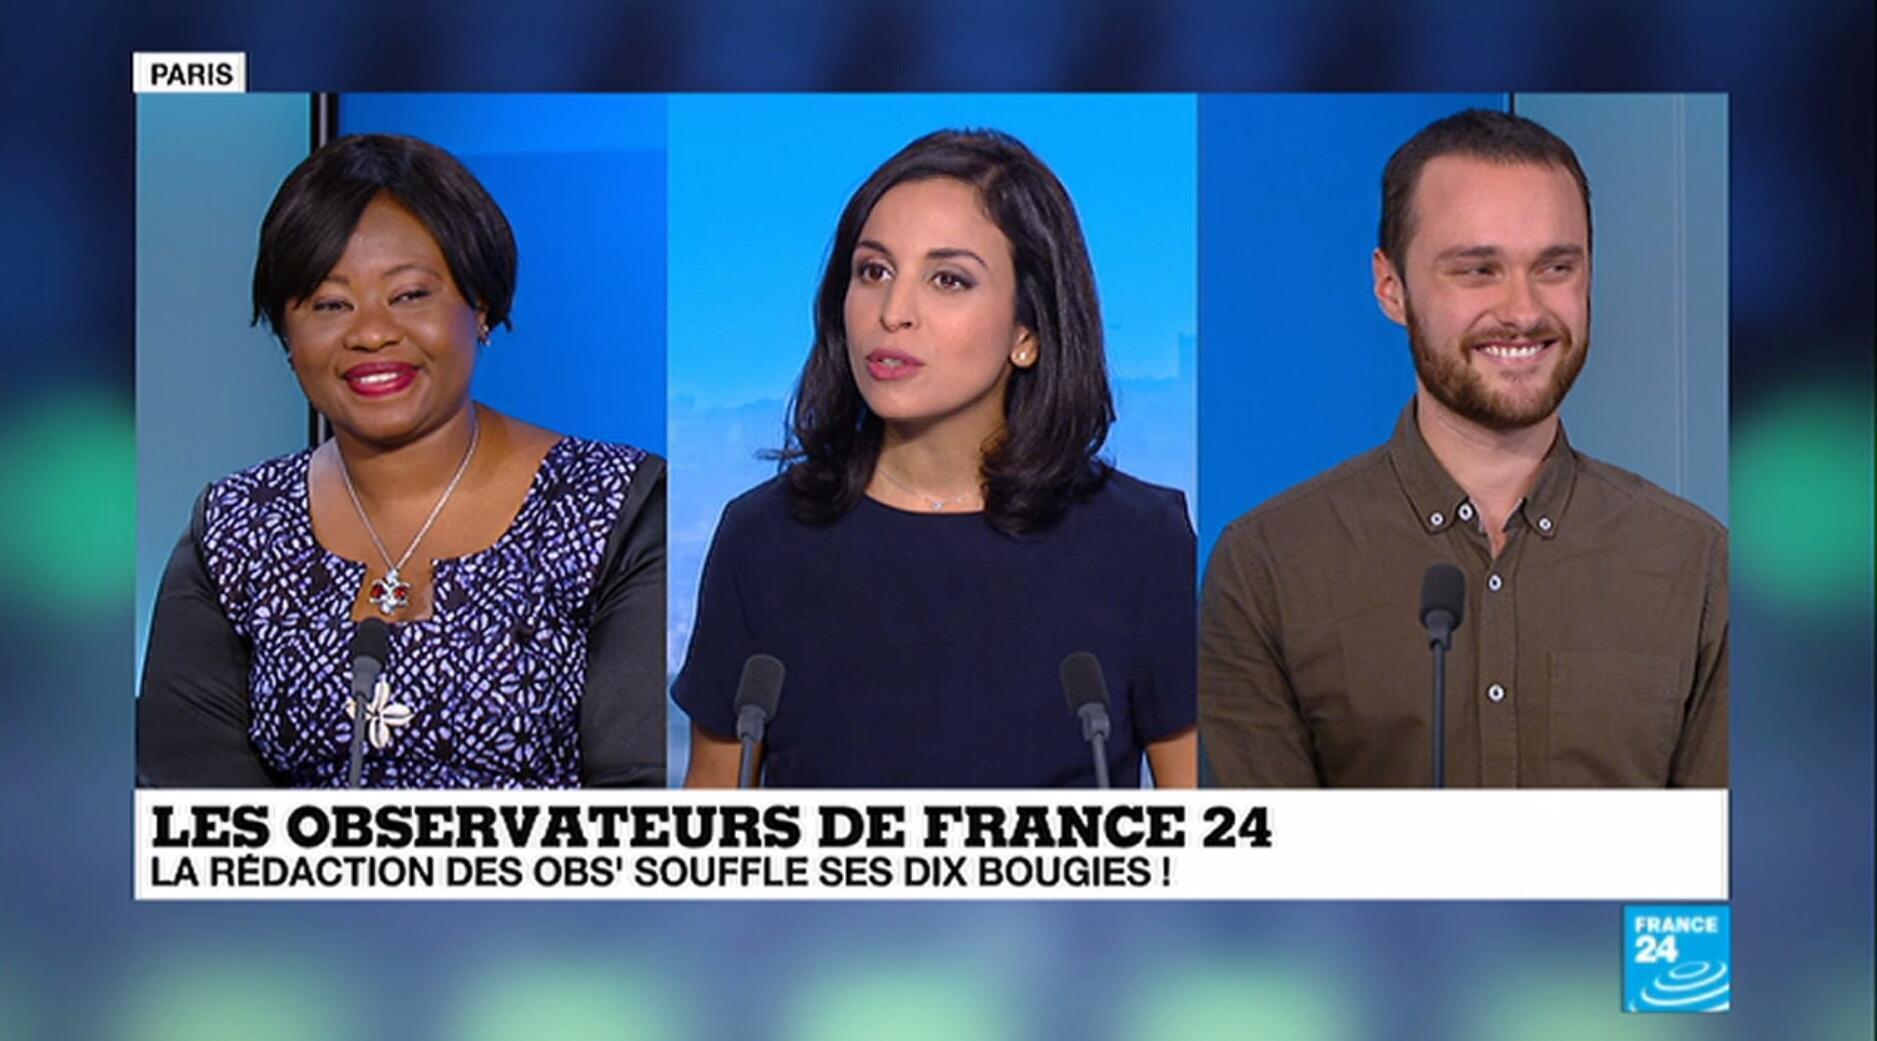 Fatoumata Chérif, Achren Verdian et Alexandre Capron reviennent sur les 10 ans des Observateurs de France 24.